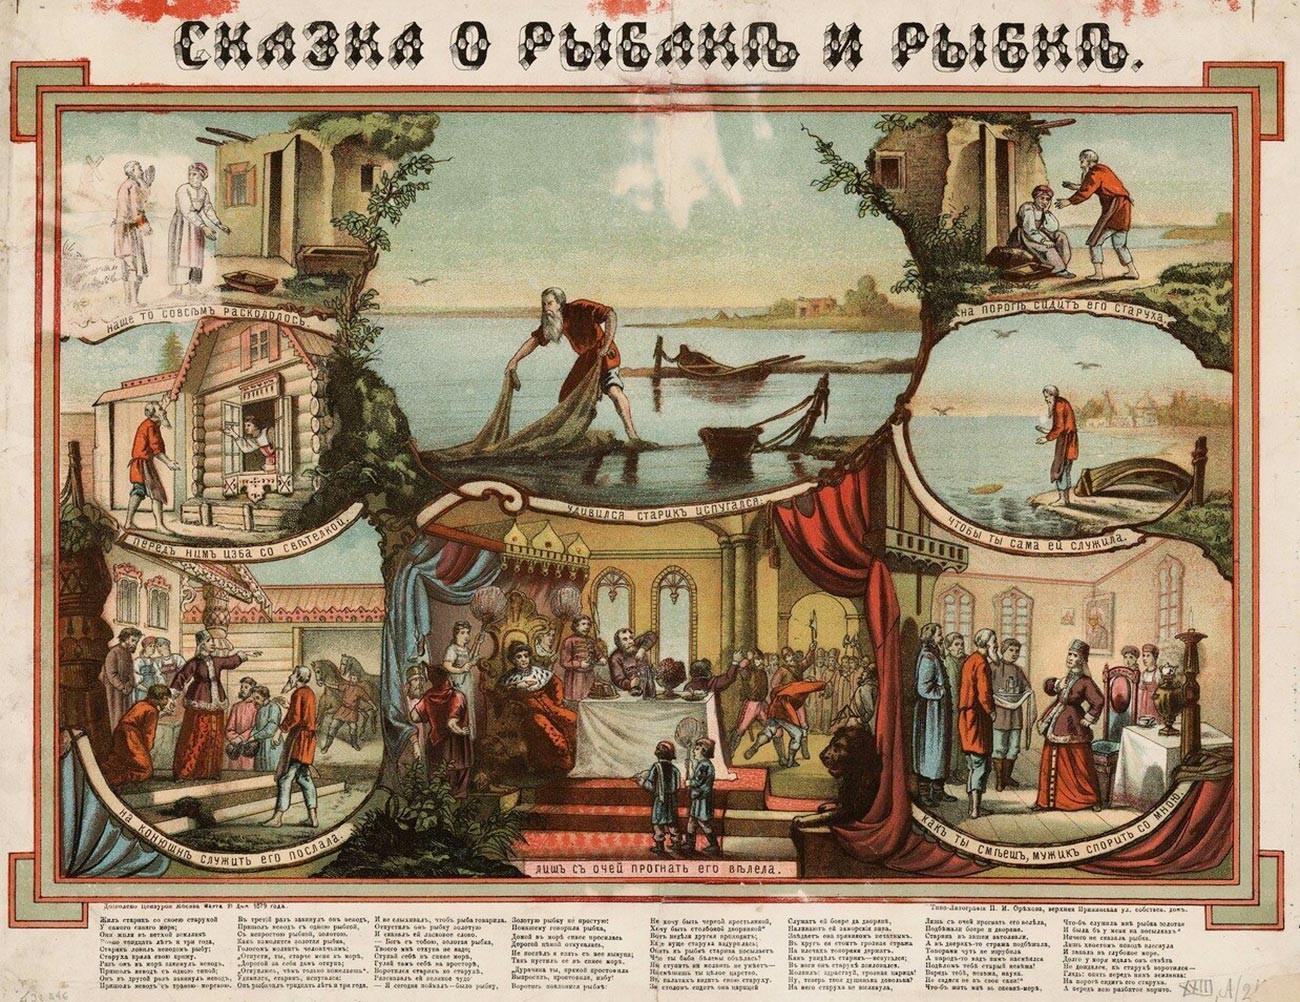 ルボーク「漁師と魚の物語」(アレクサンドル・プーシキン原作)、1878年